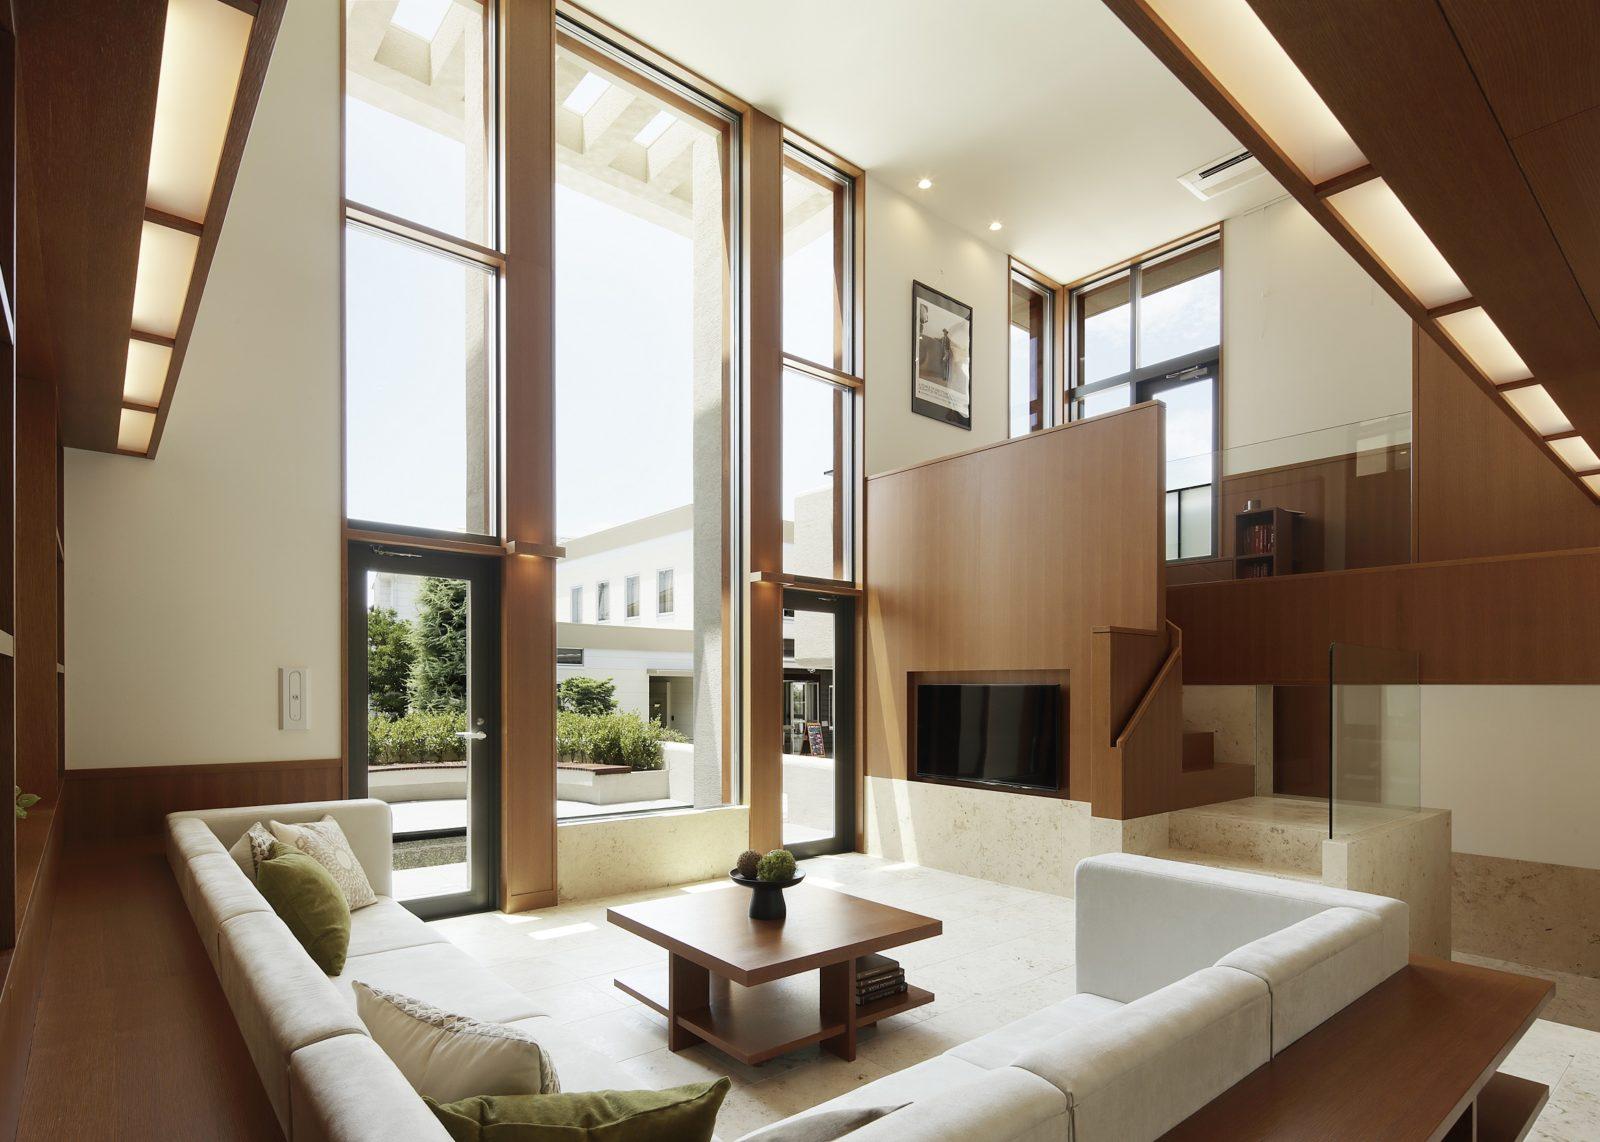 吹抜けのリビング オーガニックハウス北九州イコーハウス 新築デザイン住宅moonstreamスタイル